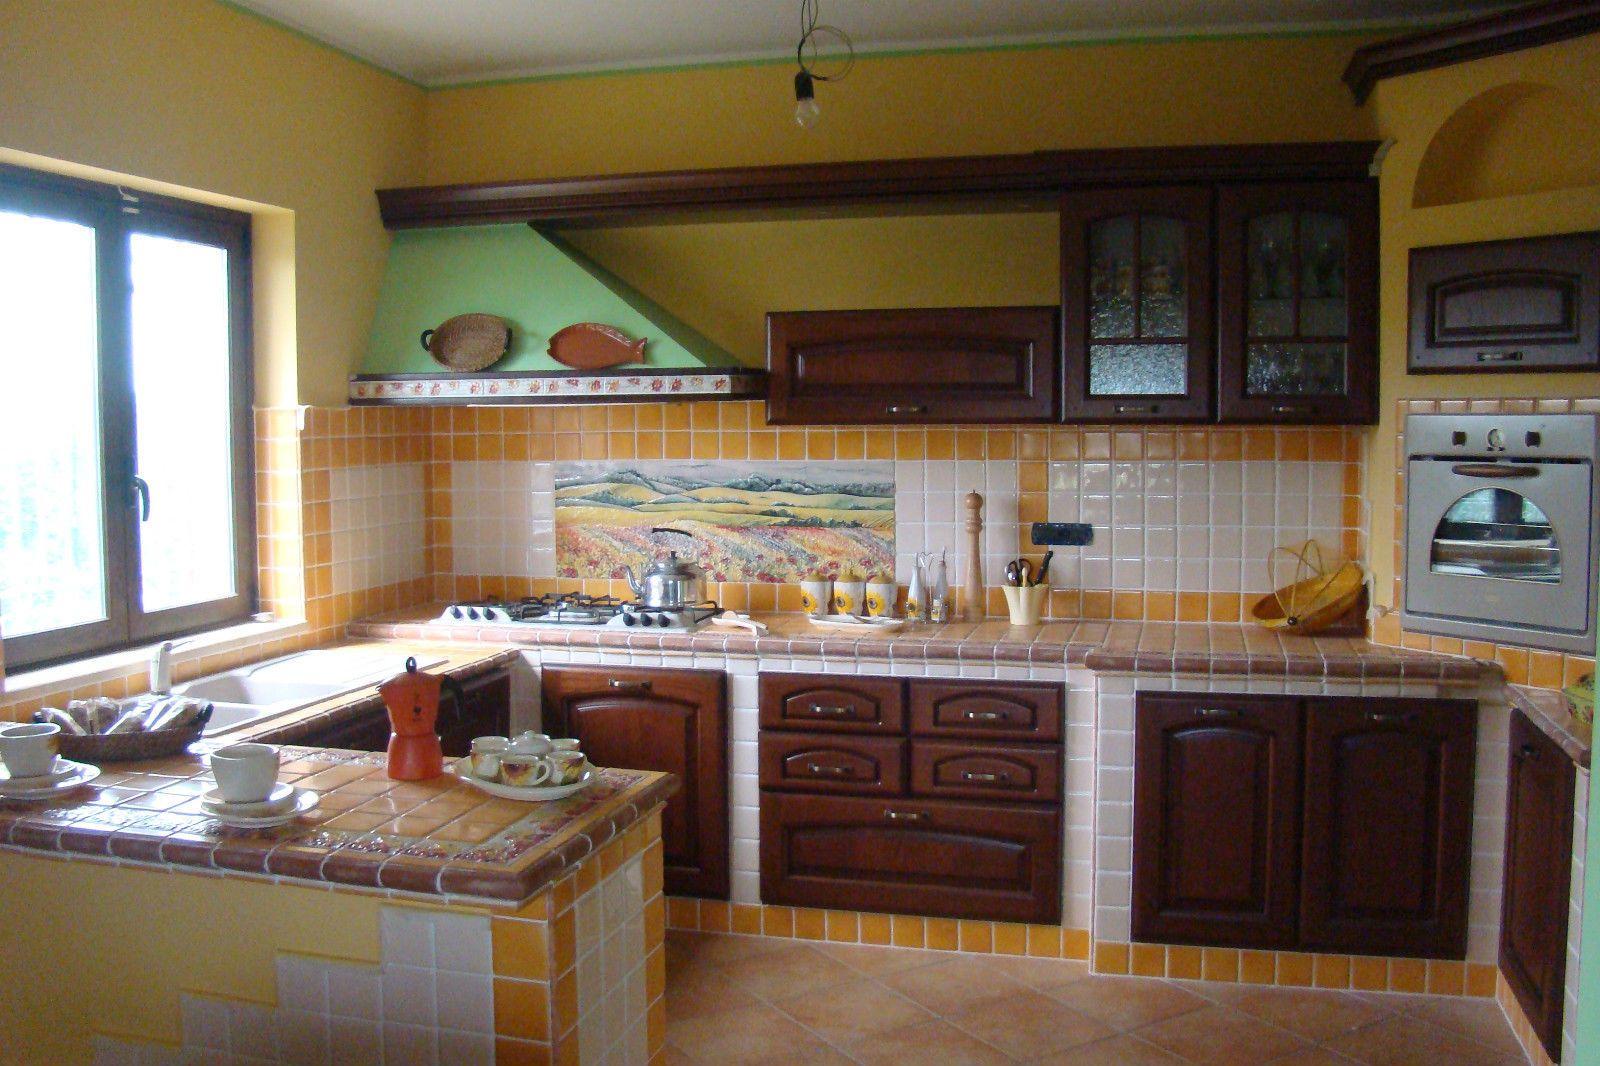 cucina in finta muratura, cucina su misura www